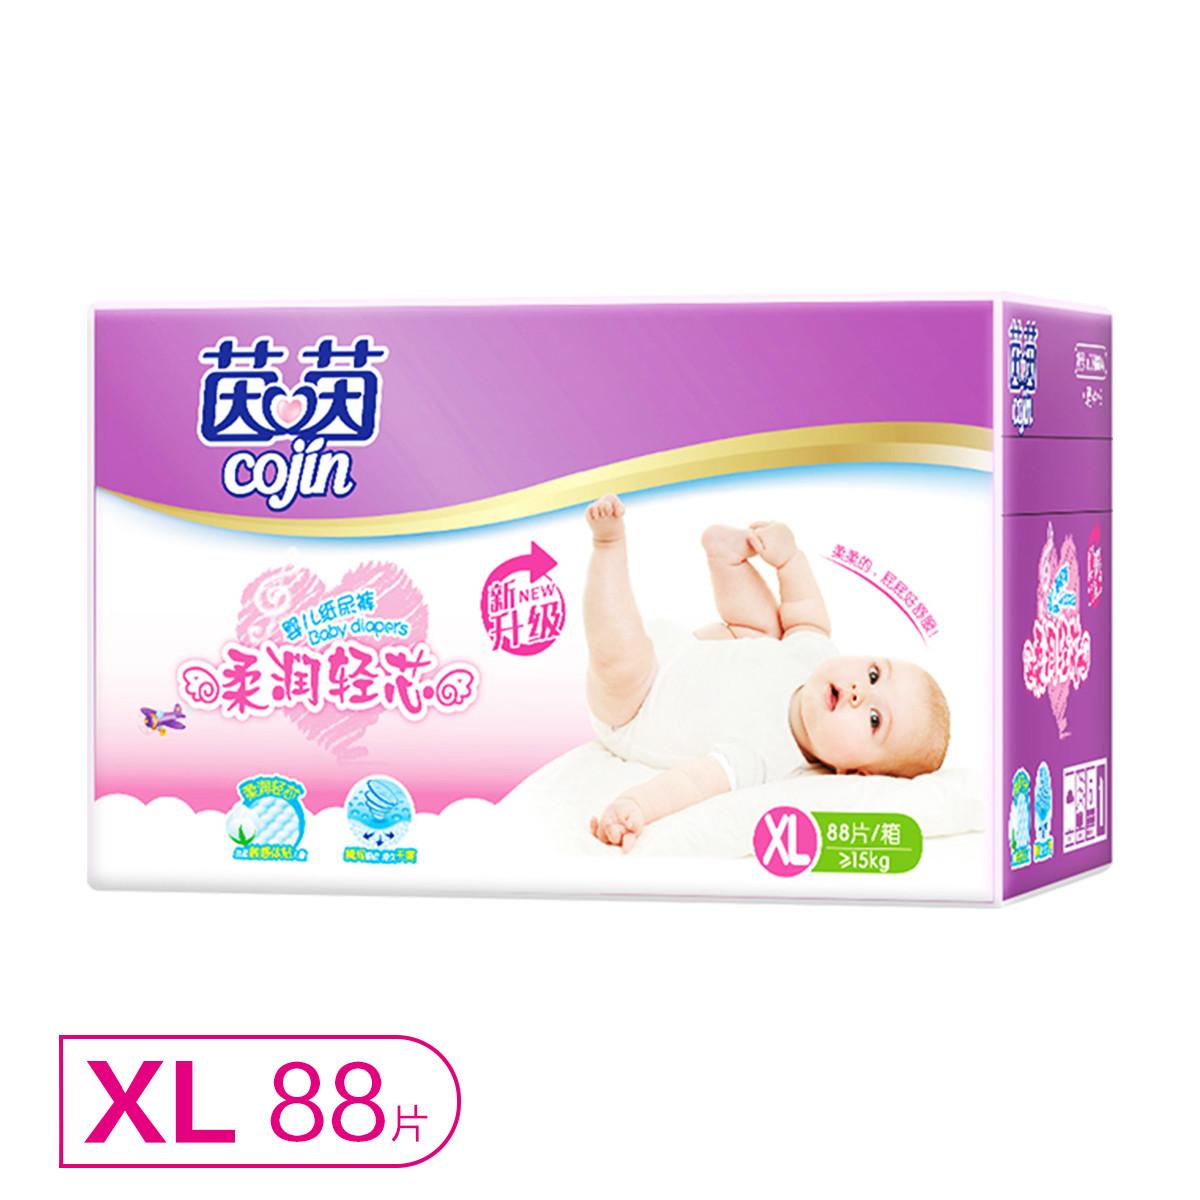 茵茵柔润轻芯婴儿纸尿裤尿不湿XL88片(15kg以上)新旧包装随机